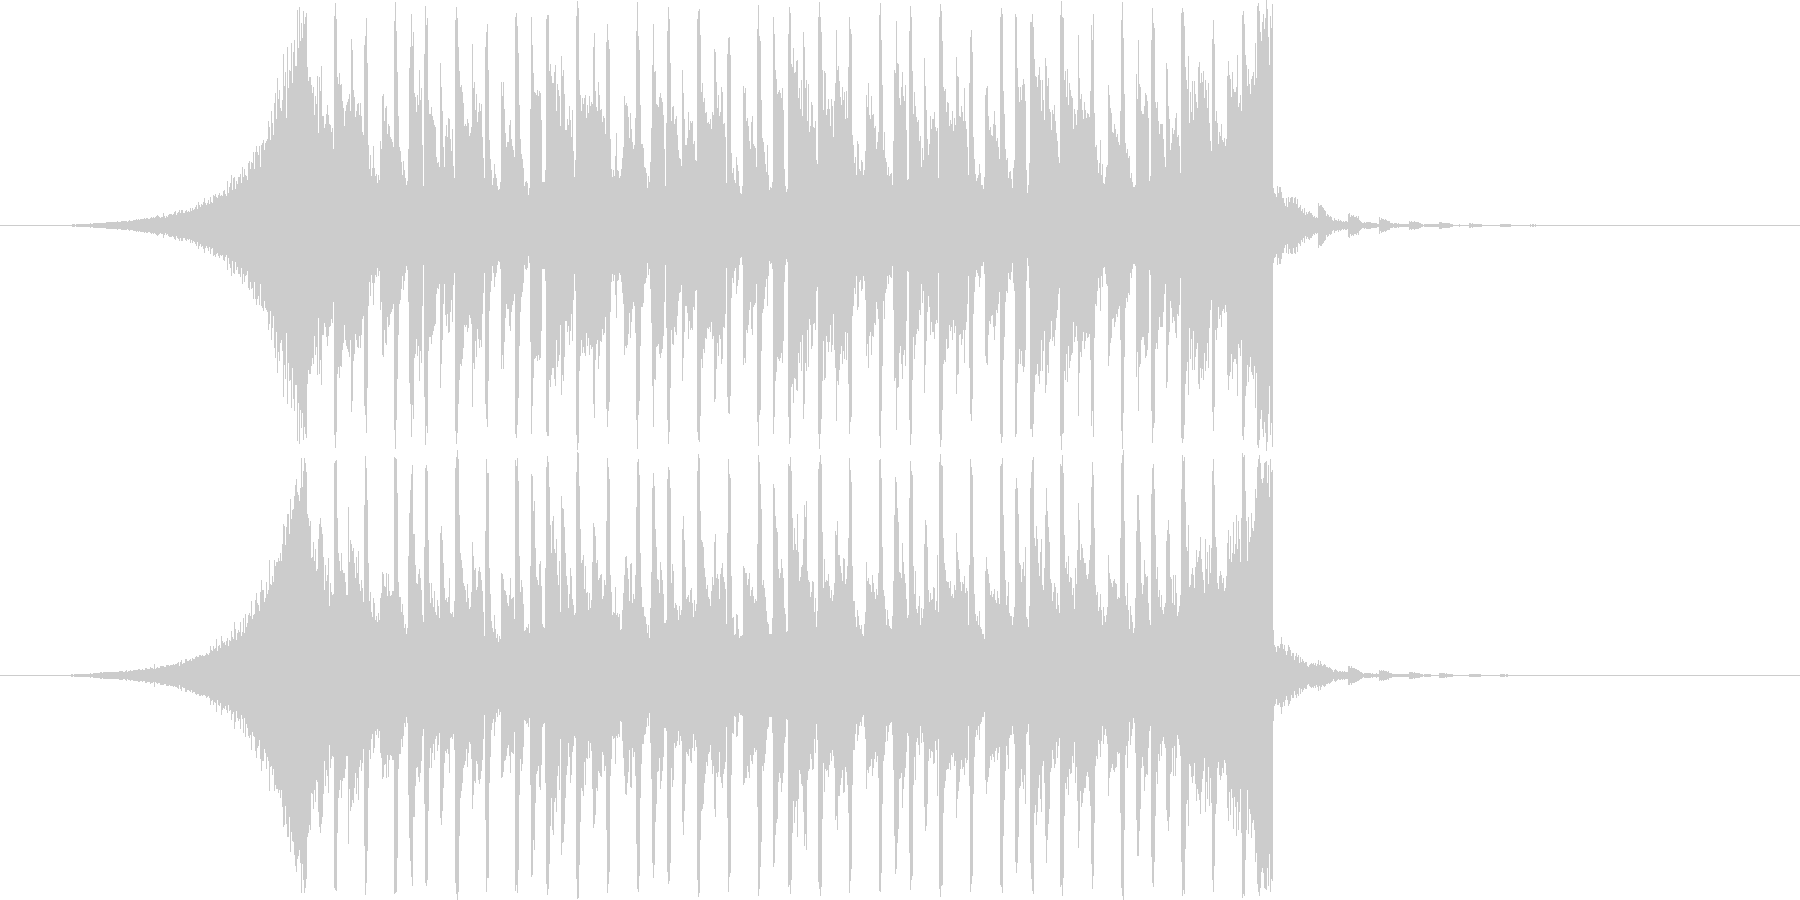 【爽やか】爽快でハッピーな雰囲気のBGMの未再生の波形